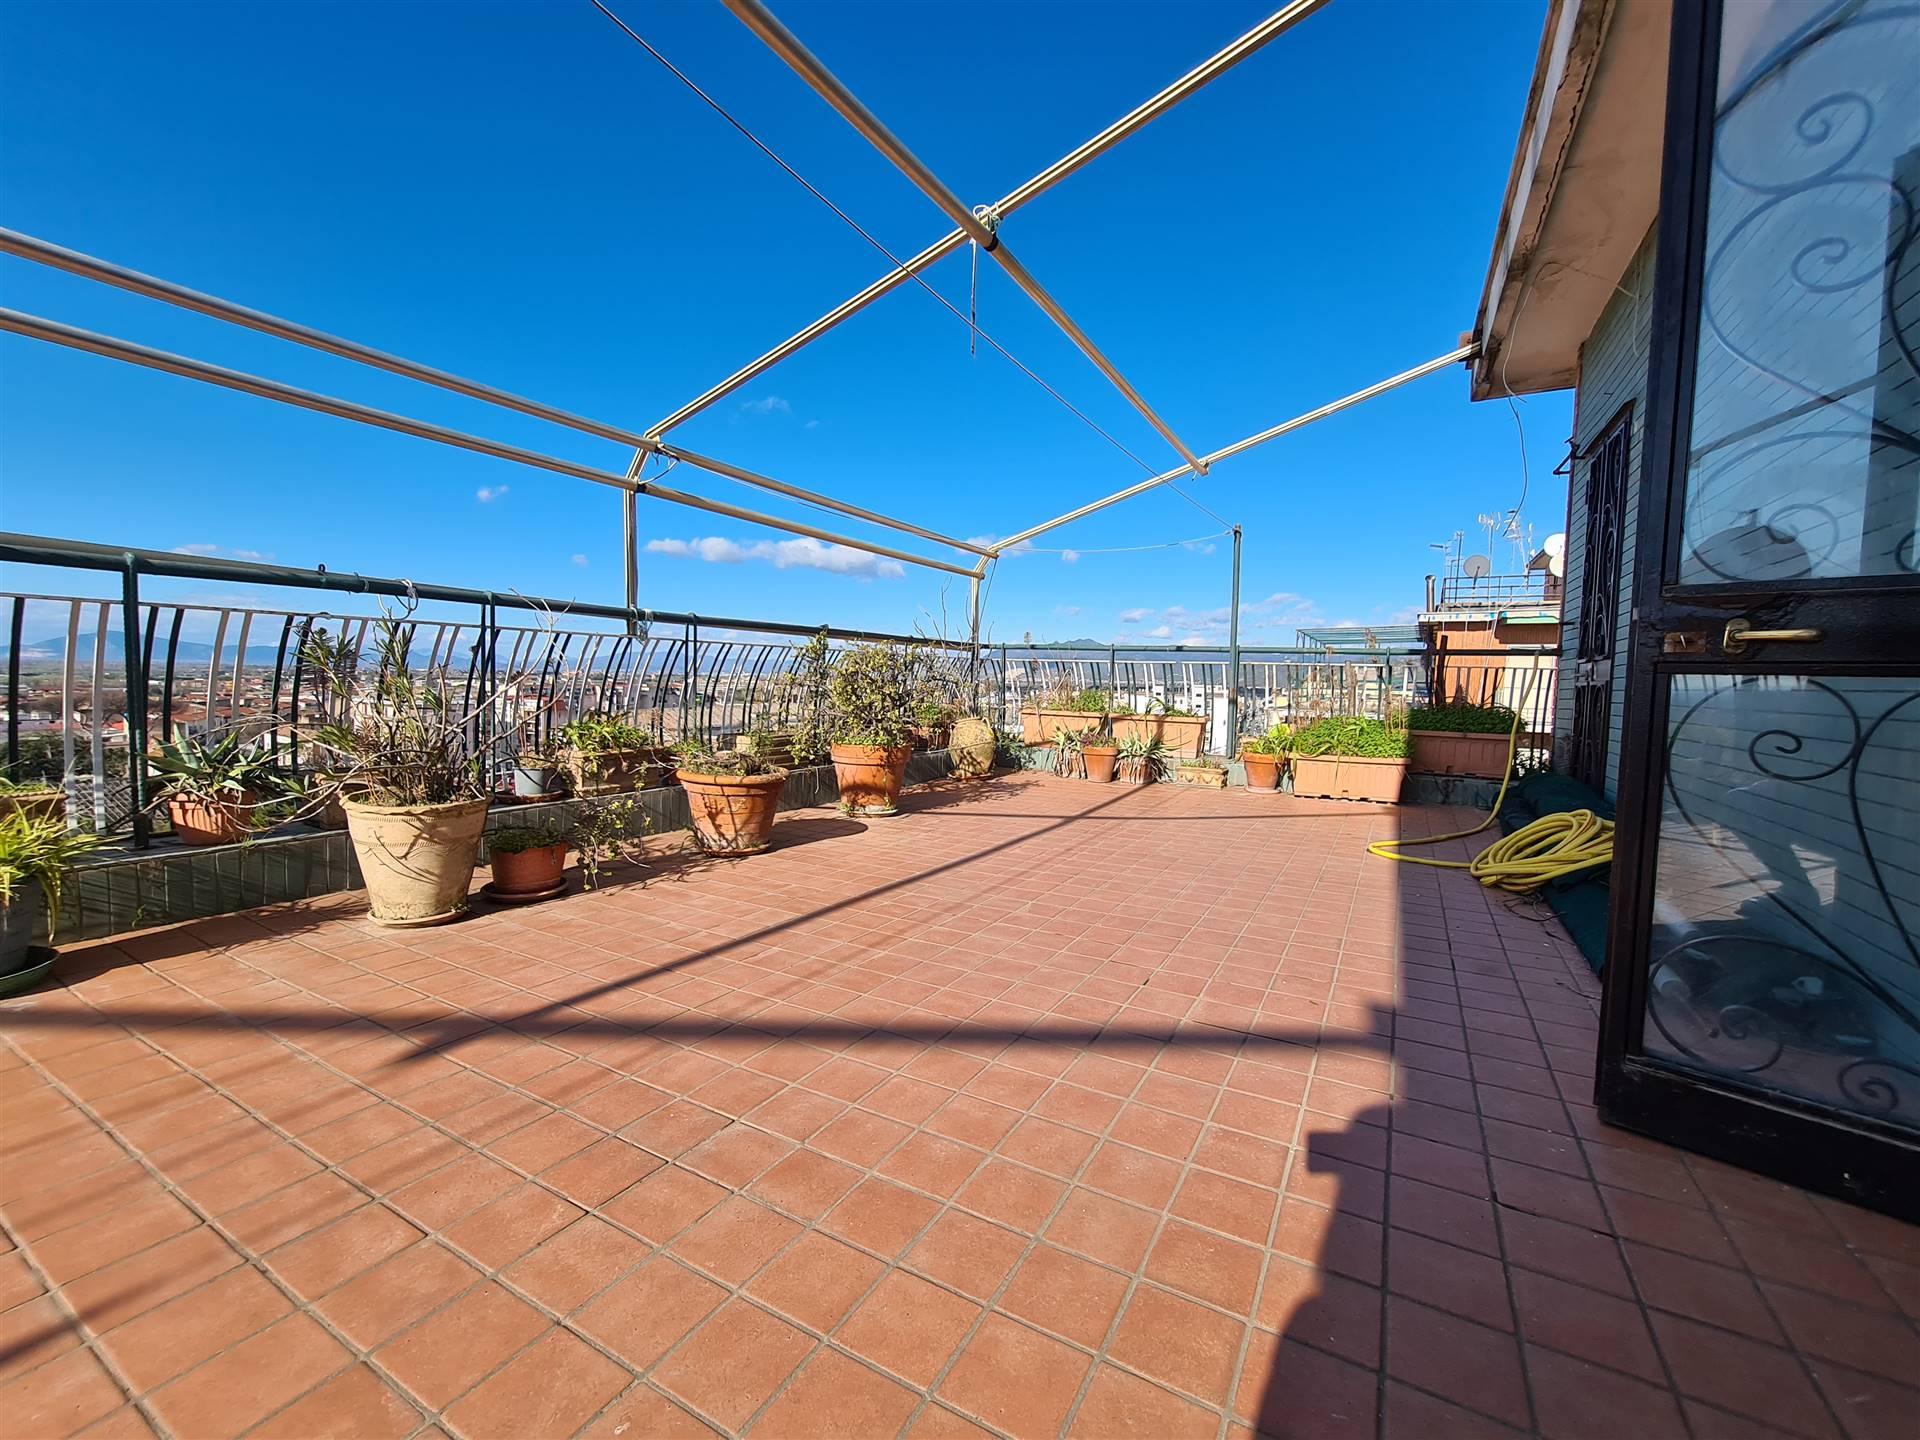 AV980-Appartamento-SANTA-MARIA-CAPUA-VETERE-Via-Roberto-d'Angi�